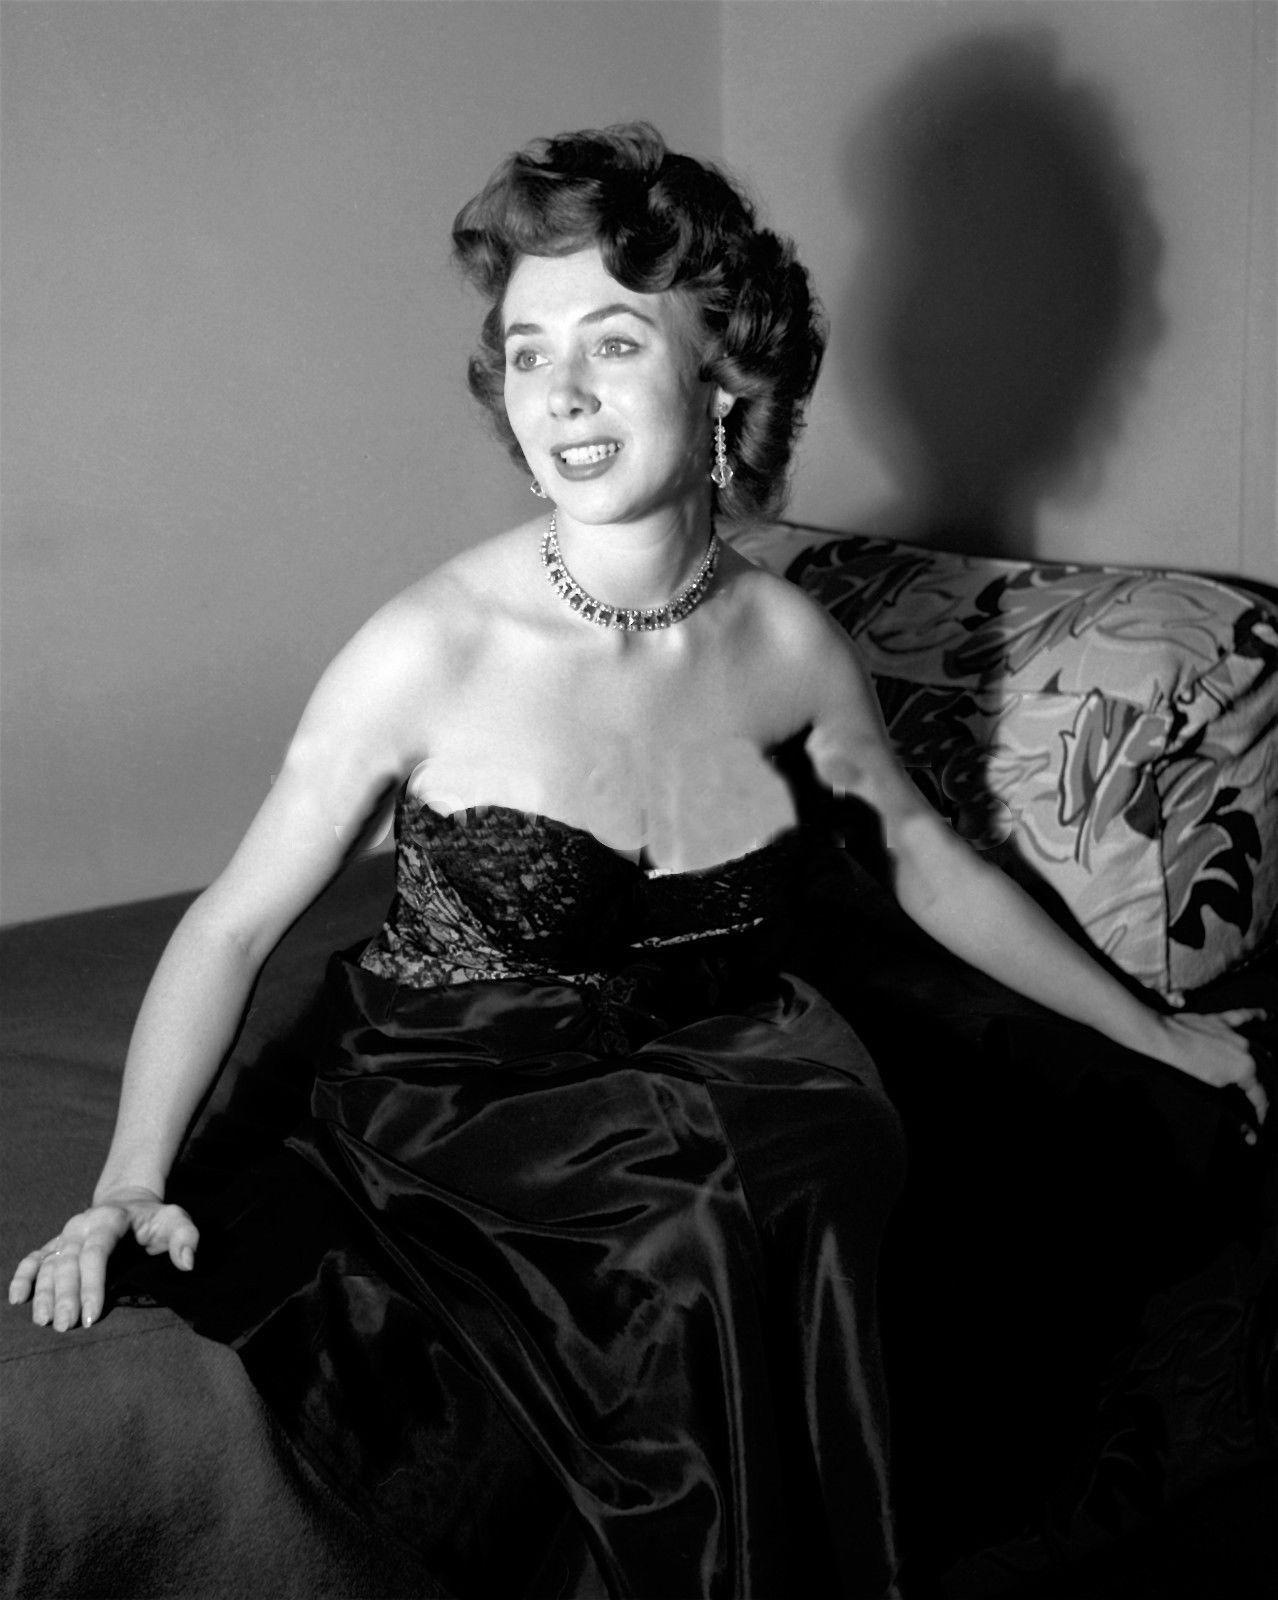 Coney Reyes (b. 1953),Marie-Josee Croze XXX image Gretchen Hartman,Brian Drummond